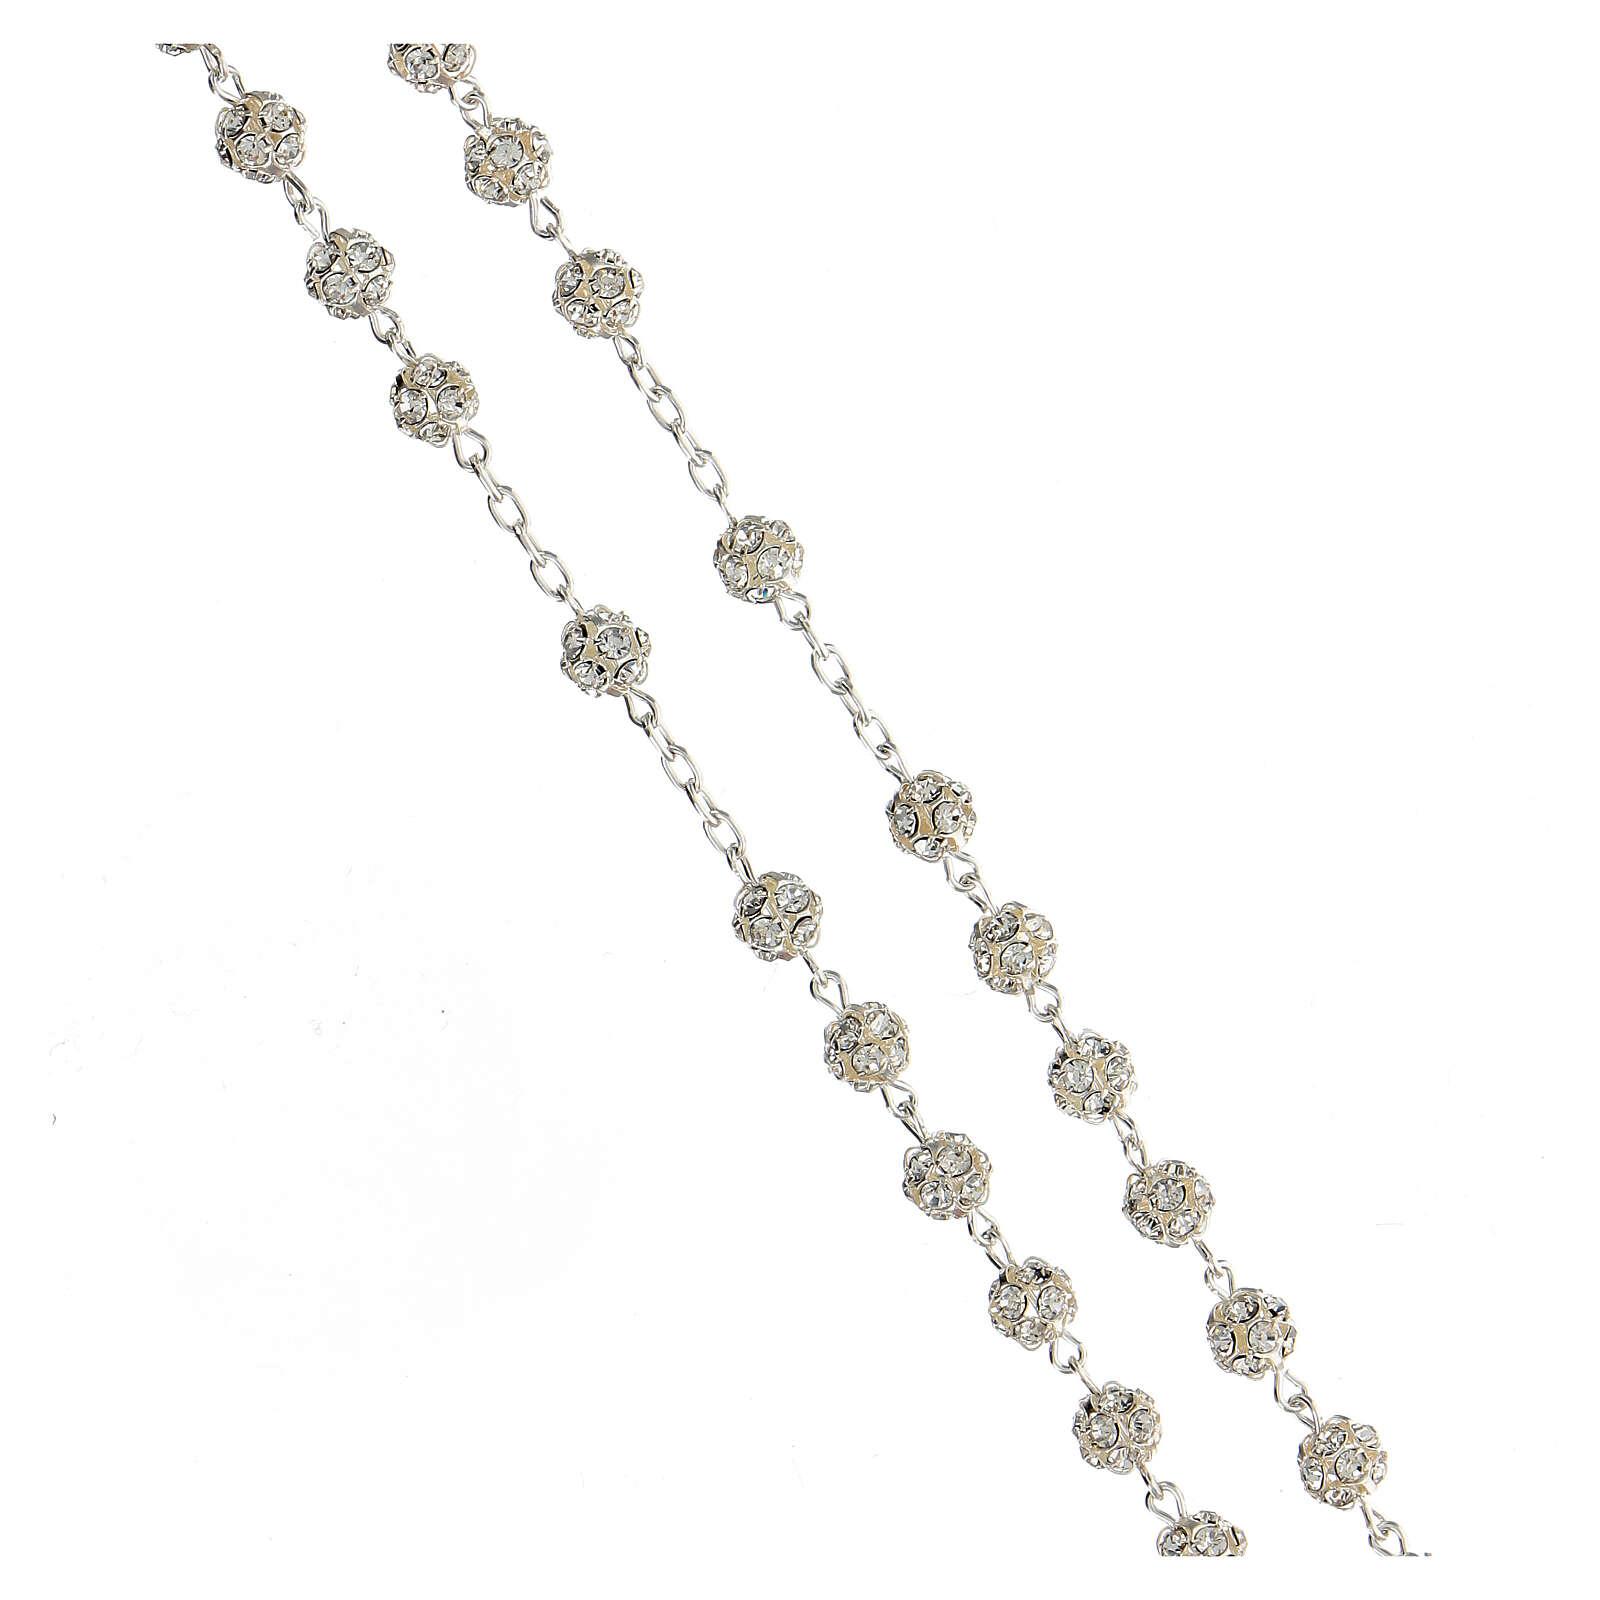 Rosenkranz aus 925er Silber und Swarovski-Kristallen 6 mm 4